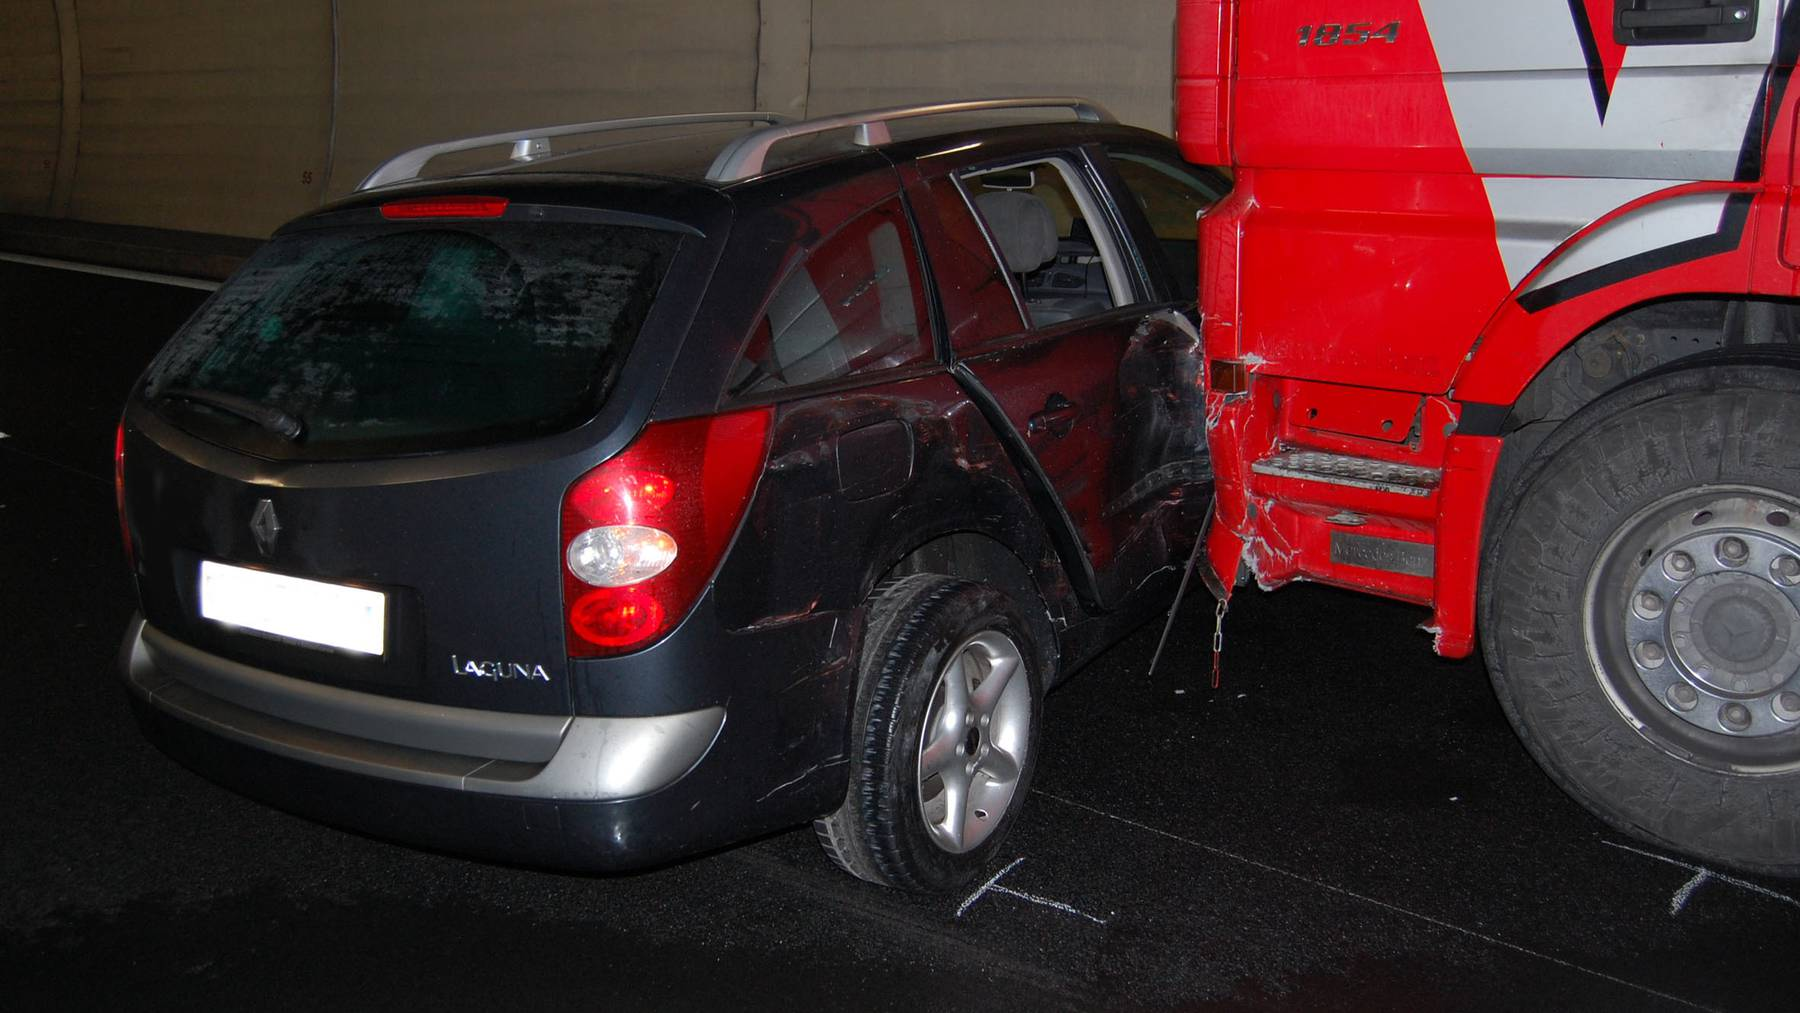 Lastwagen schiebt Auto einen Kilometer weit